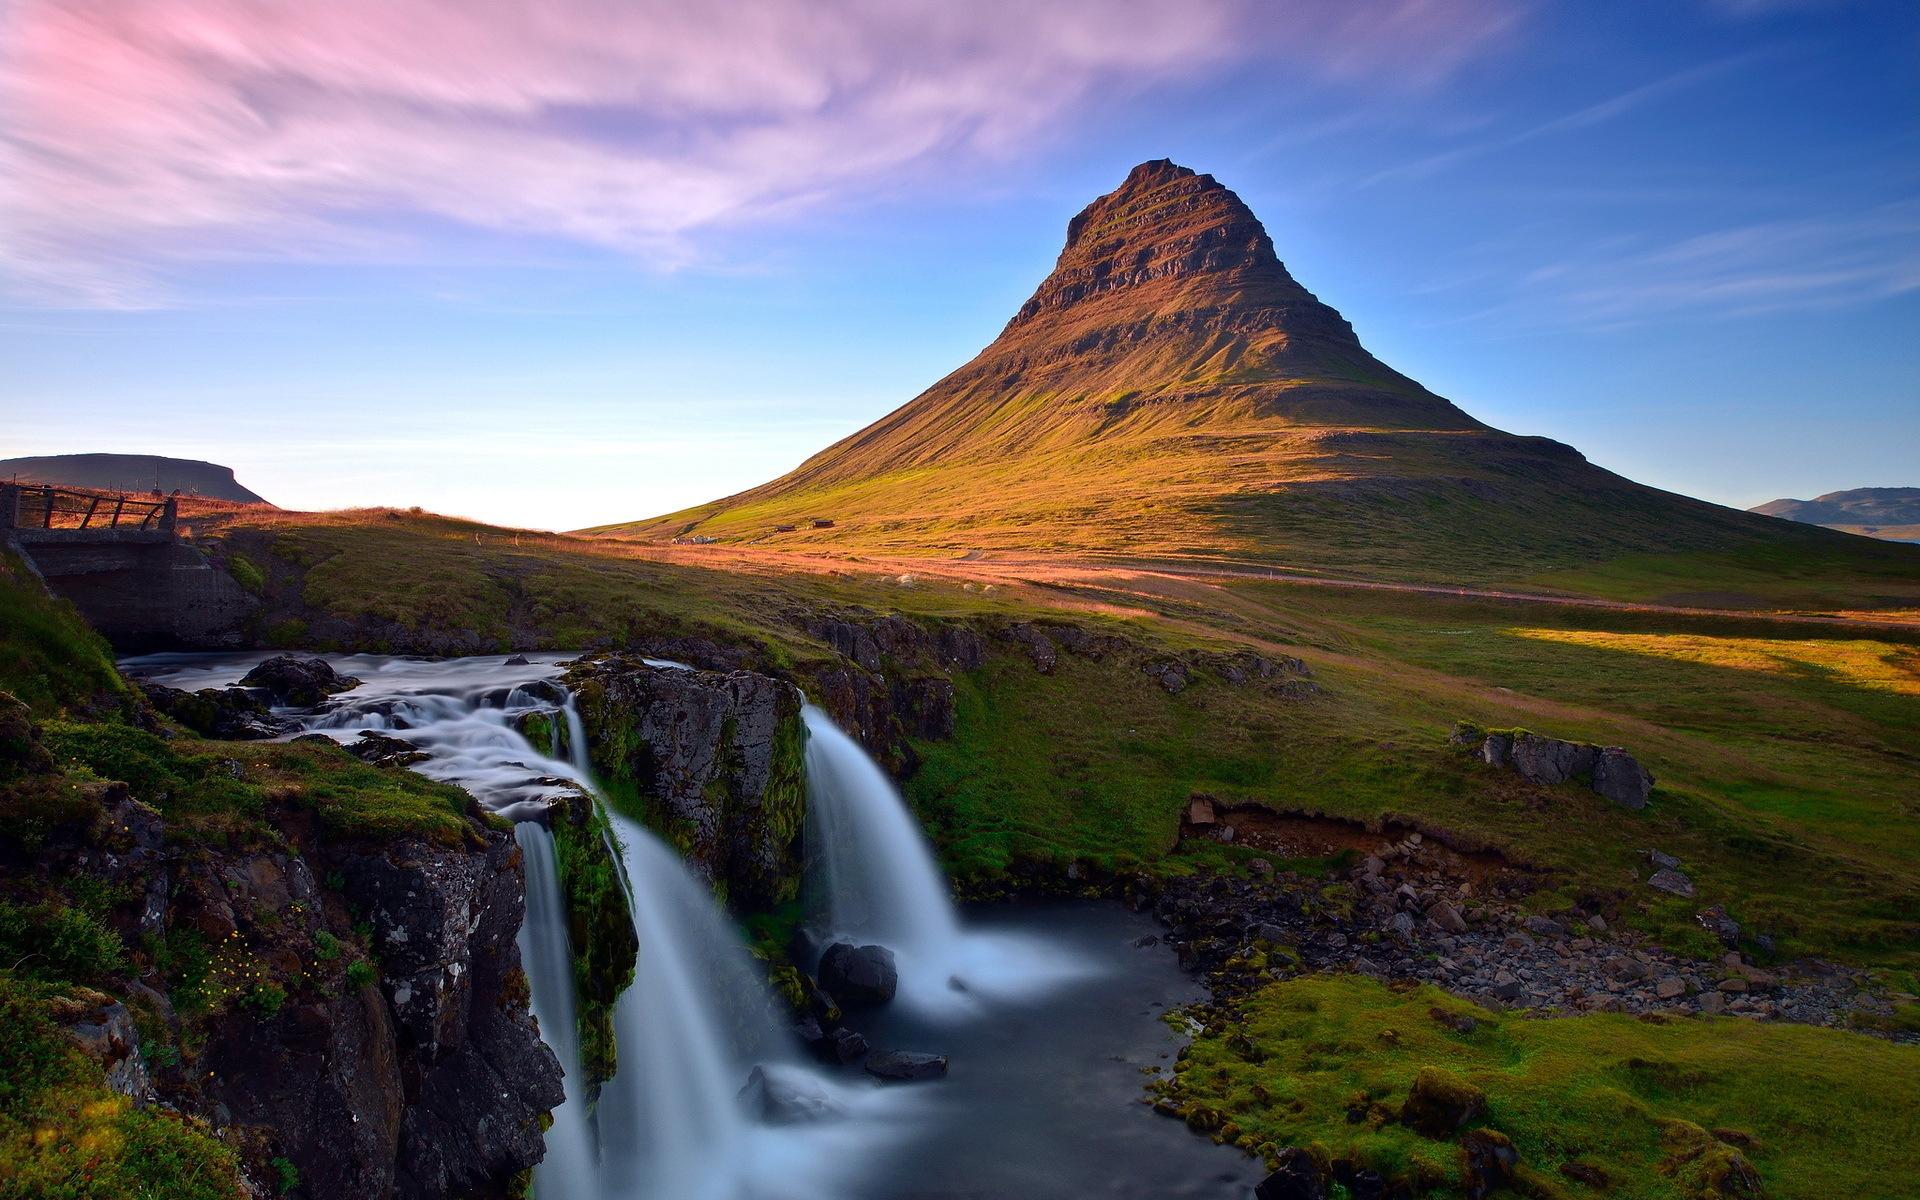 водопад горы  № 2560968 загрузить